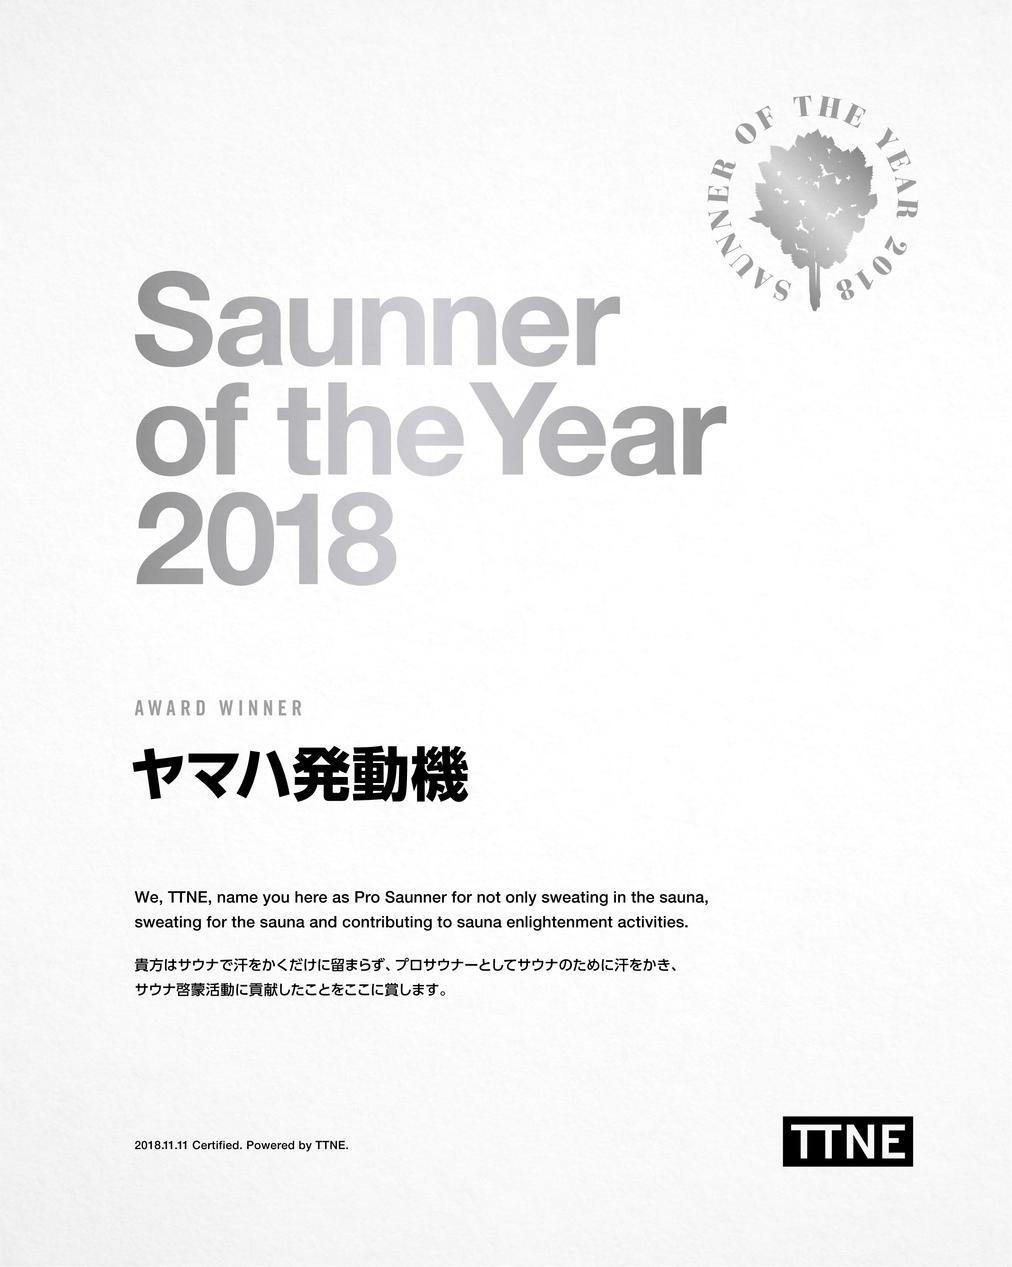 ヤマハ発動機がサウナーオブイヤー2018を初受賞